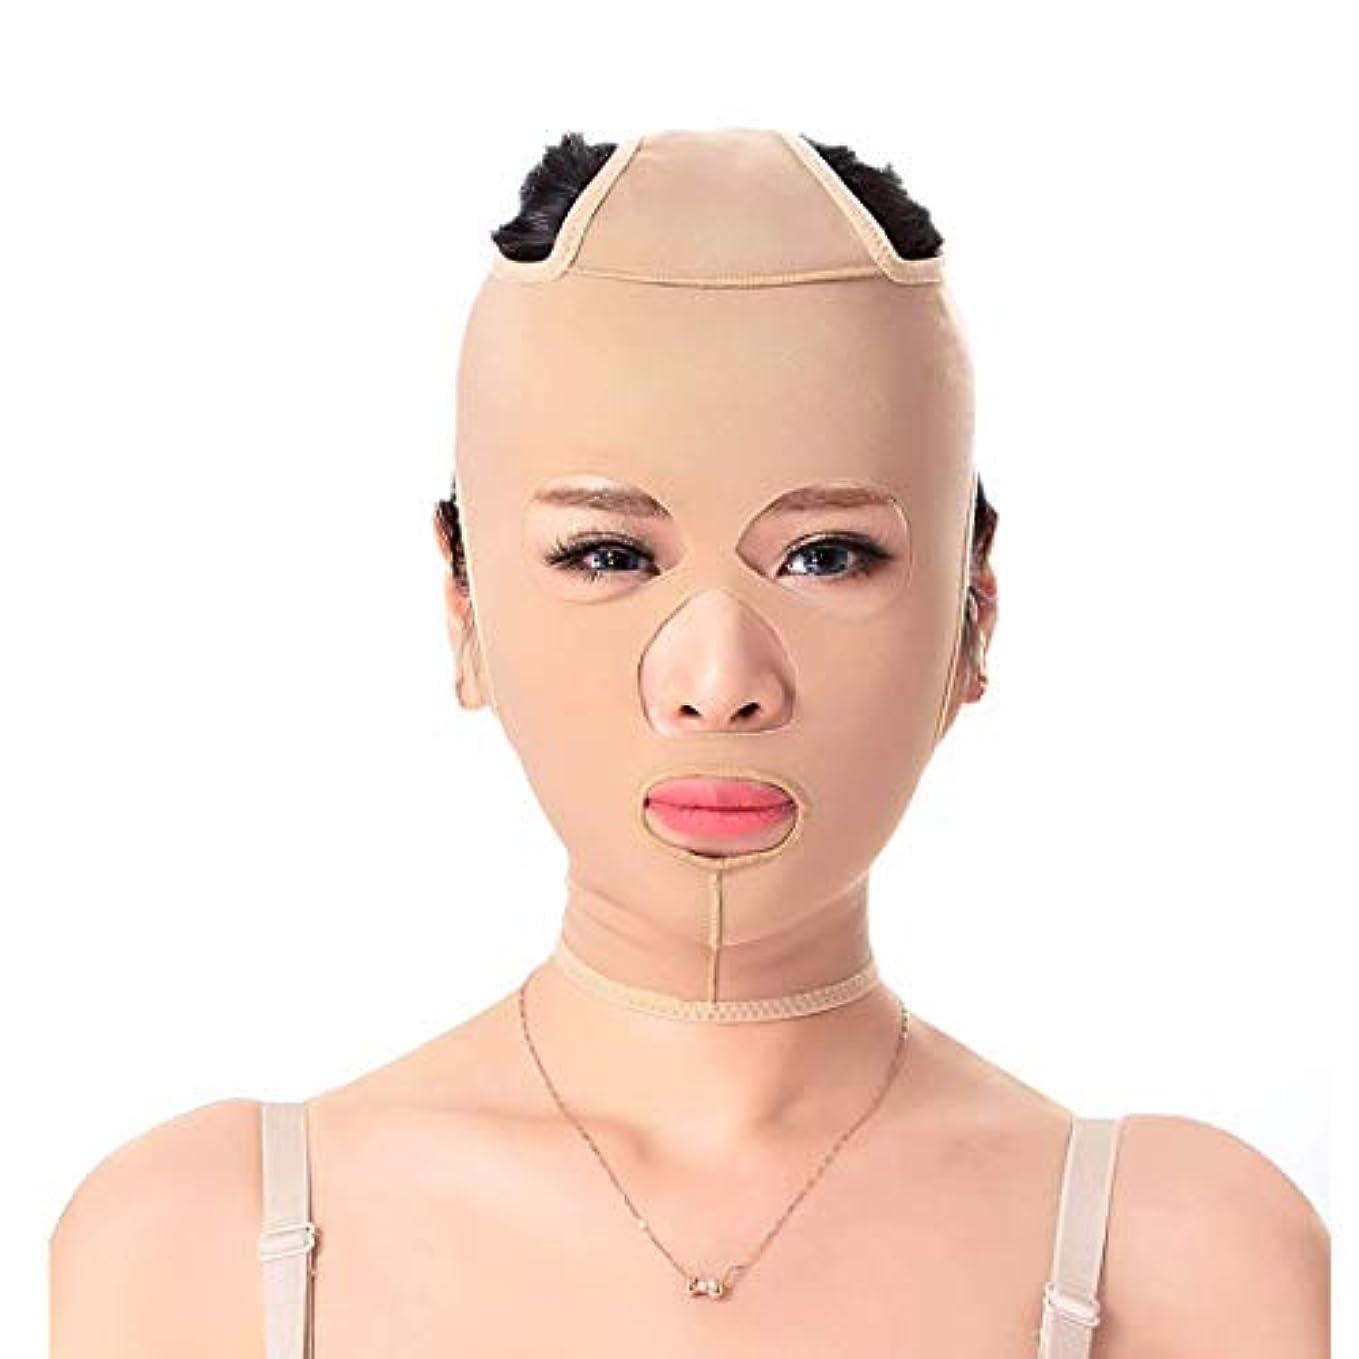 トーク有料歌うスリミングベルト、二重あごの引き締め顔面プラスチック顔アーティファクト強力な顔の包帯を脇に持ち上げるパターンを欺くためのフェイシャルマスク薄いフェイスマスク(サイズ:XXL),ザ?